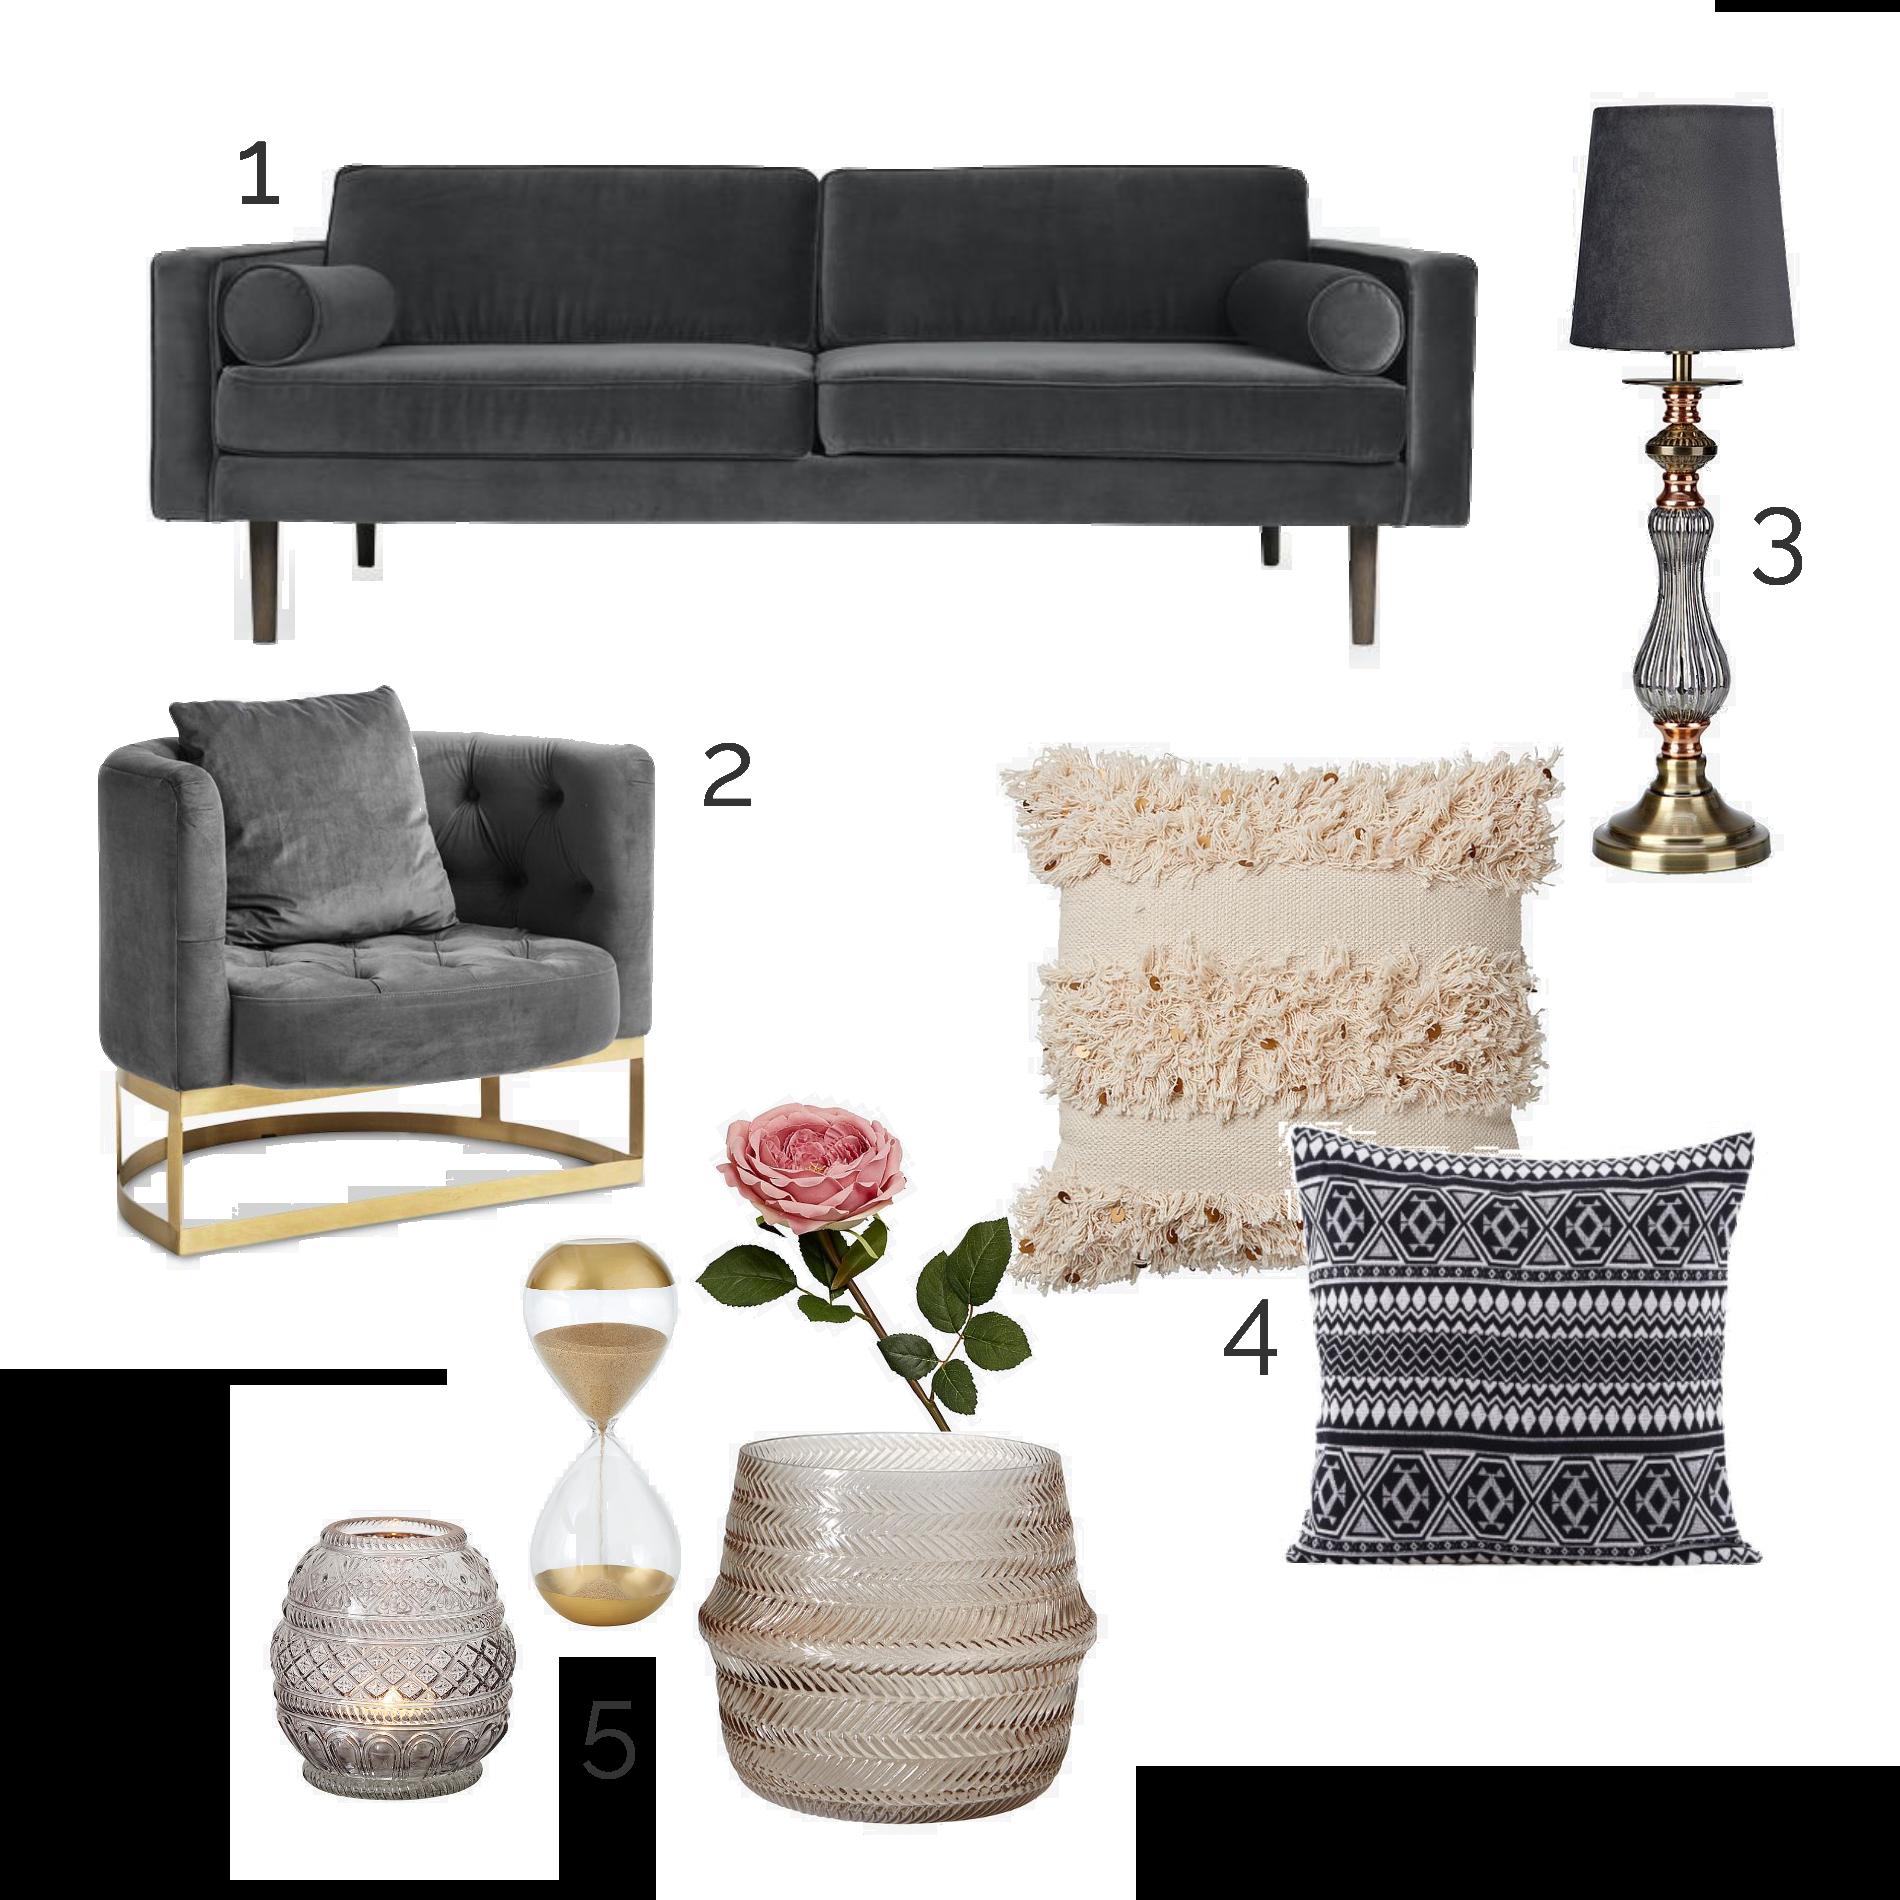 Interior Dreams // Living room